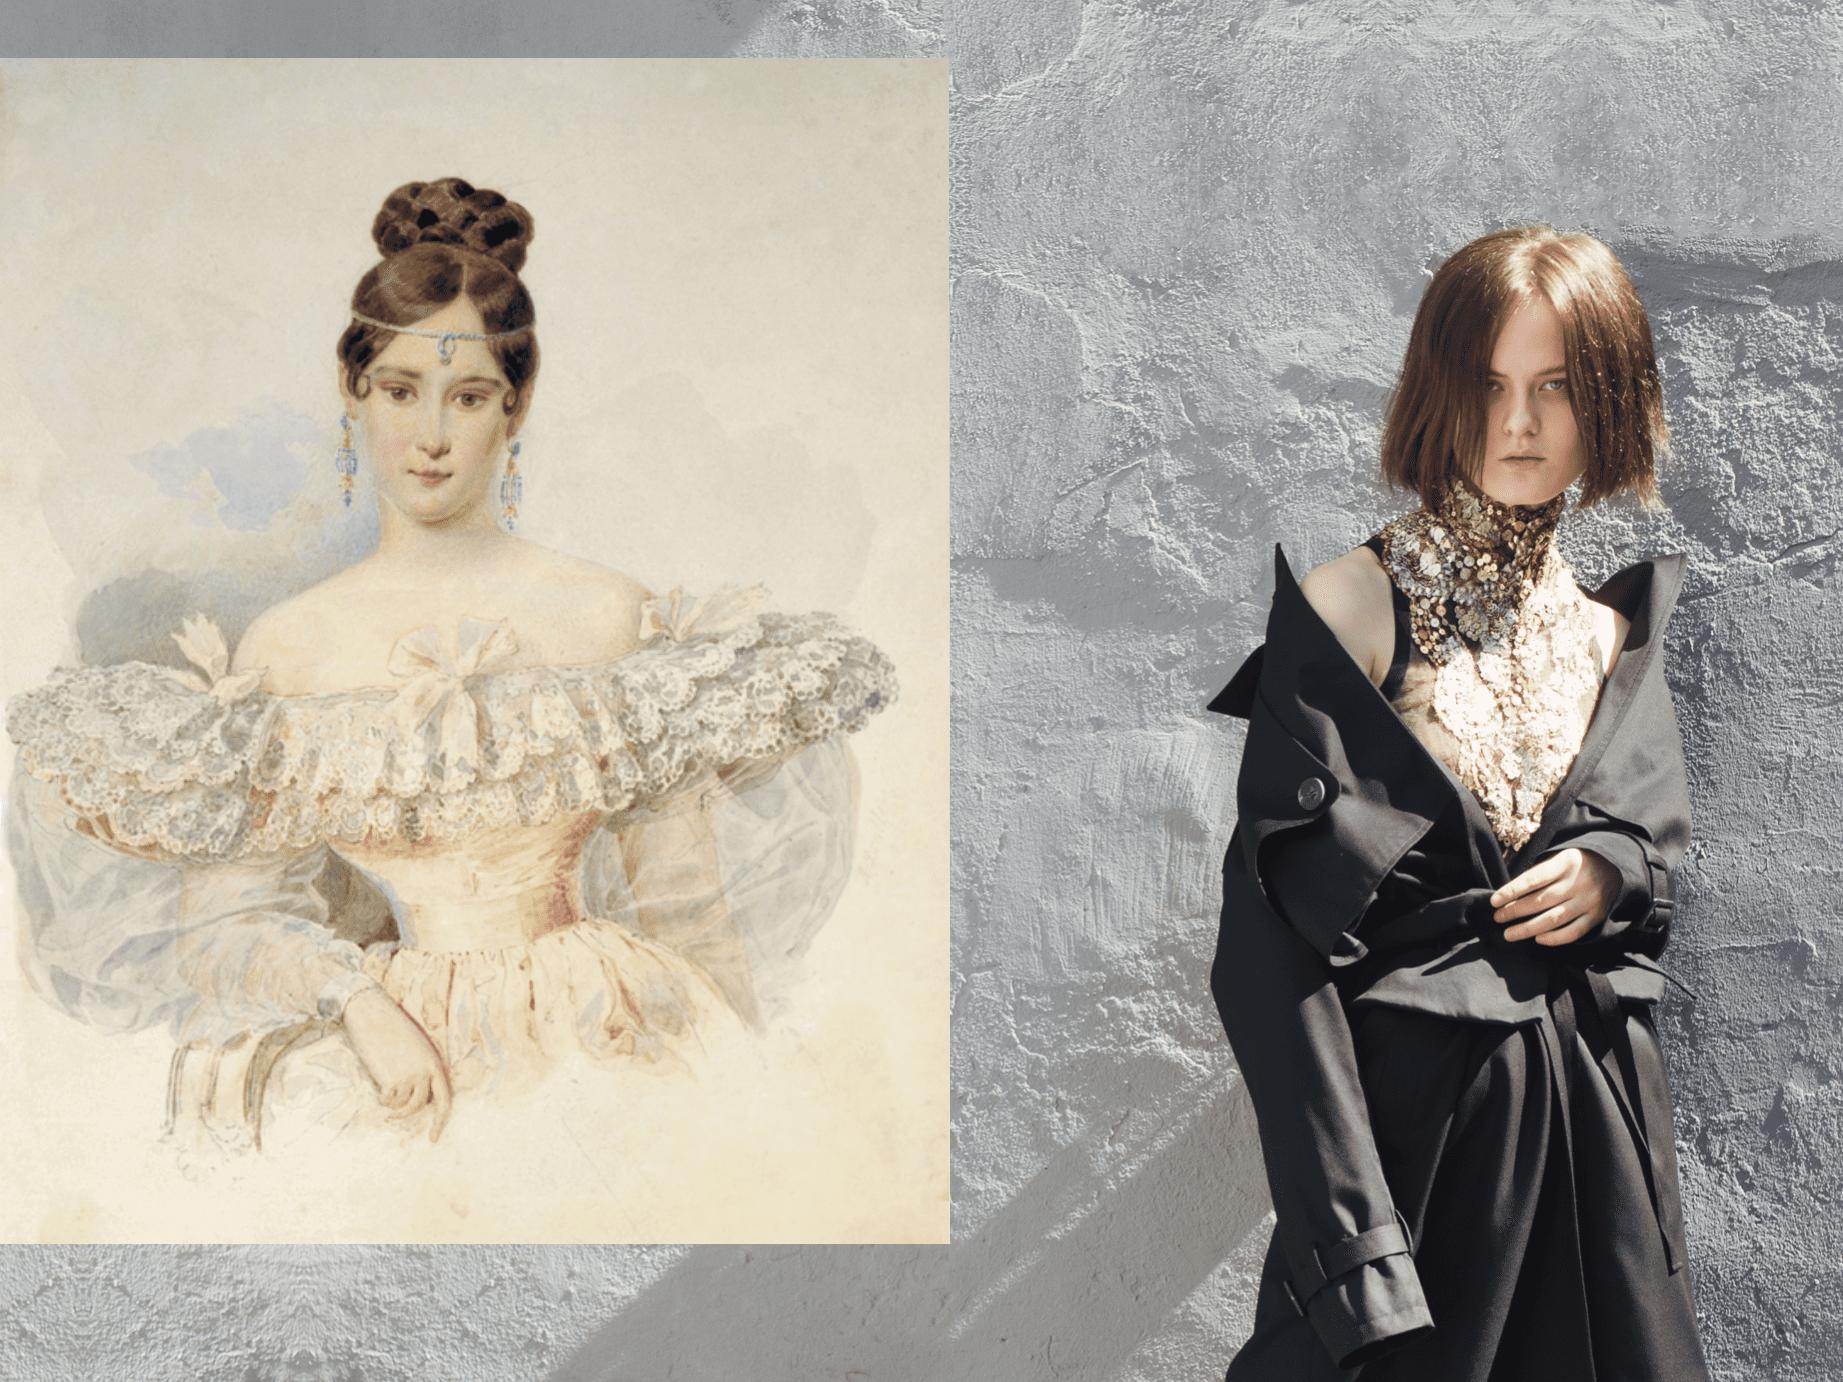 Историк моды Марина Скульская о грядущем тренде на образы пушкинской эпохи